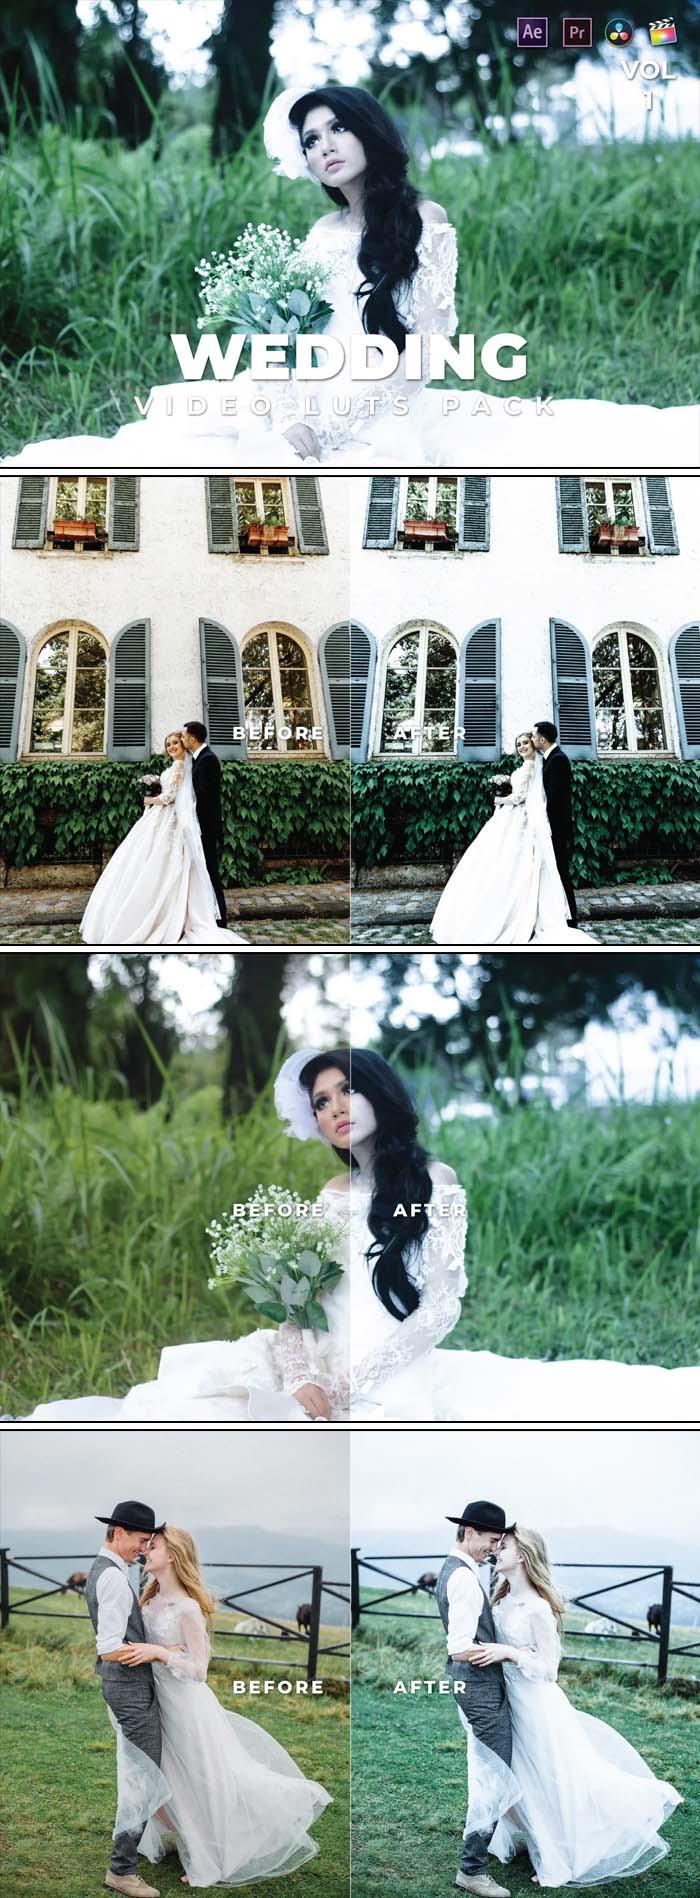 Wedding Pack Video LUTs Vol.1